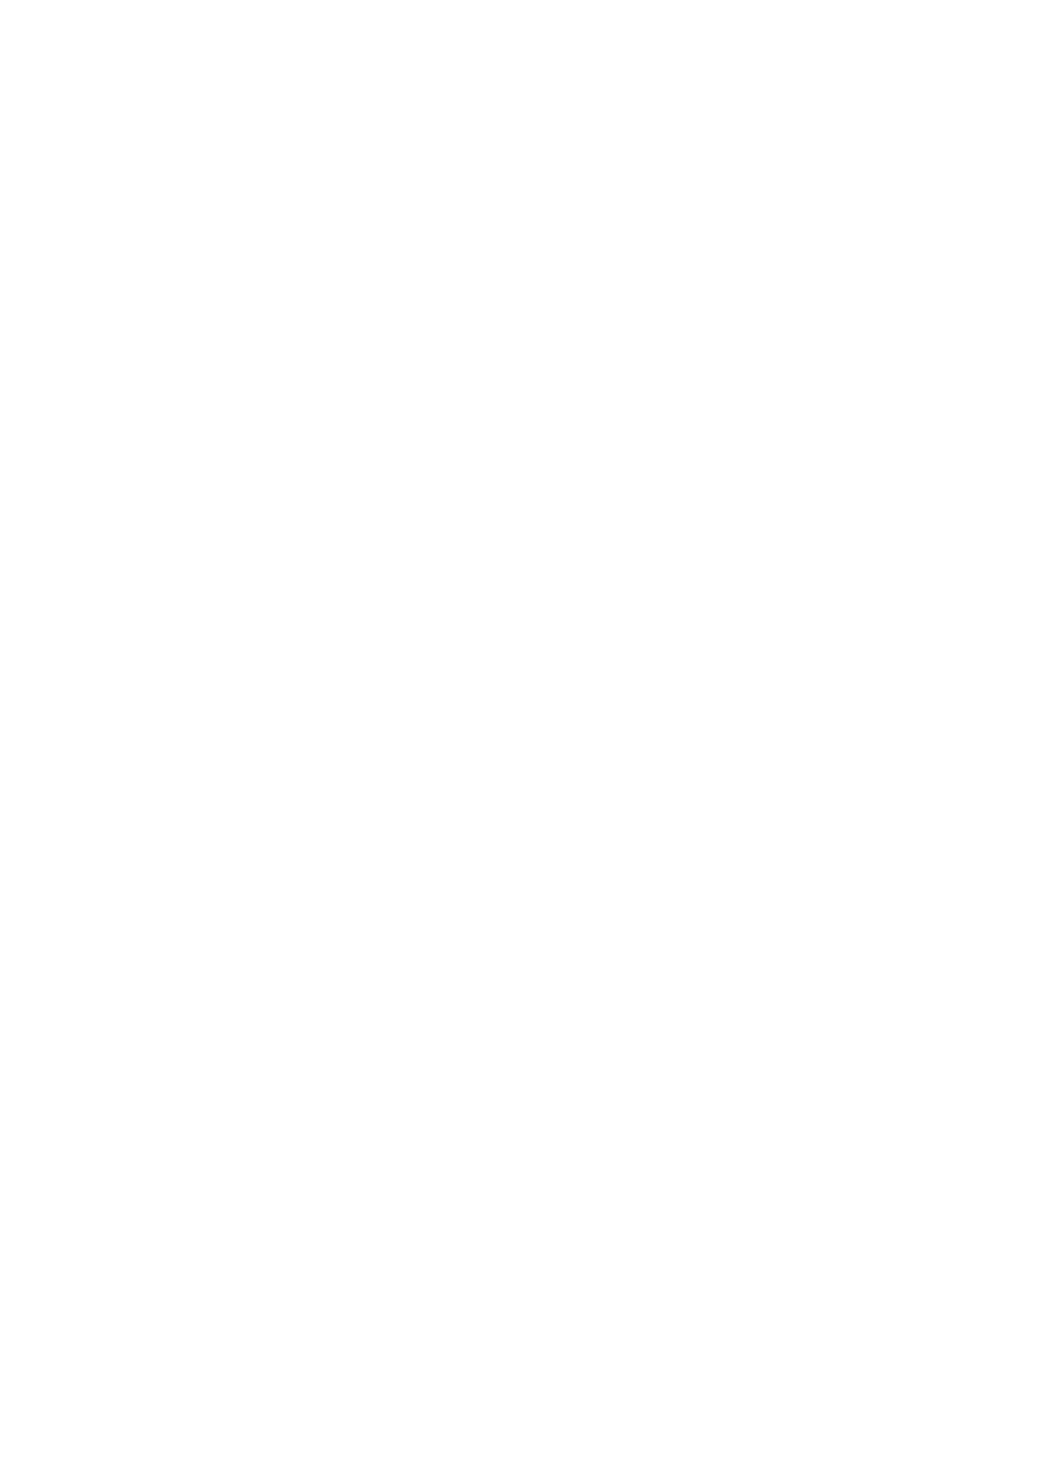 SCHAUMHAUM